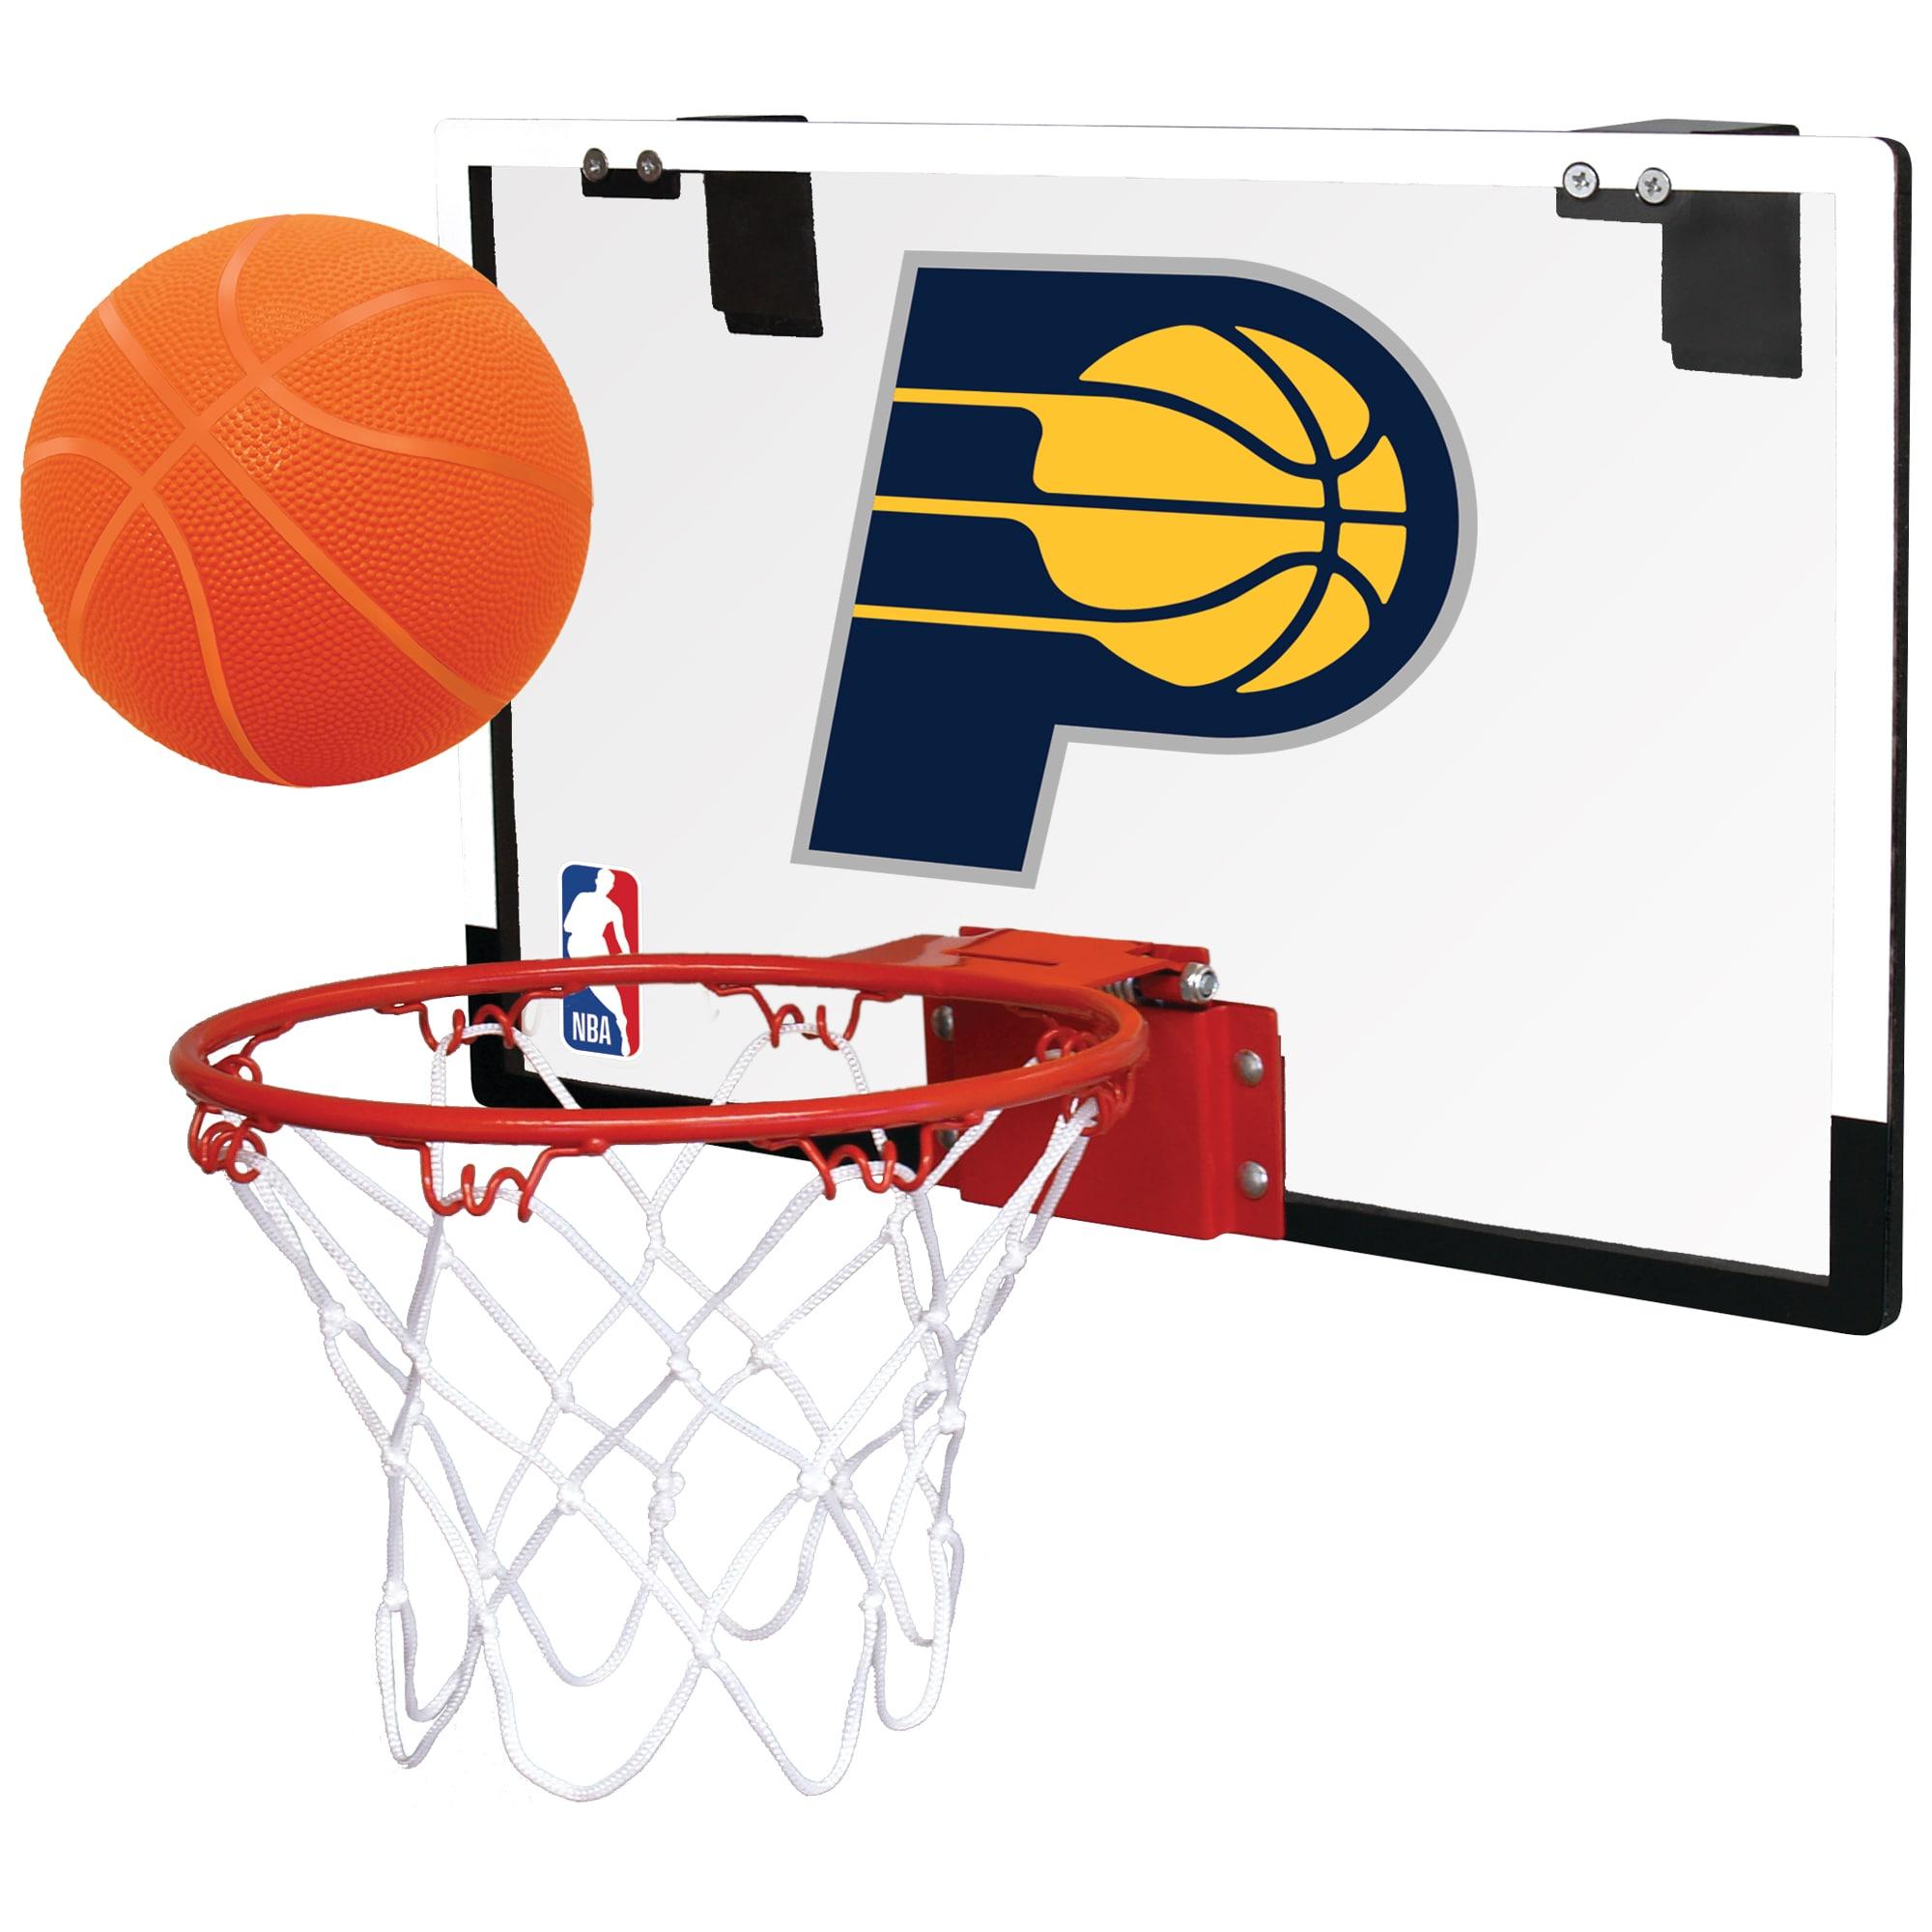 Indiana Pacers Rawlings NBA Polycarbonate Hoop Set